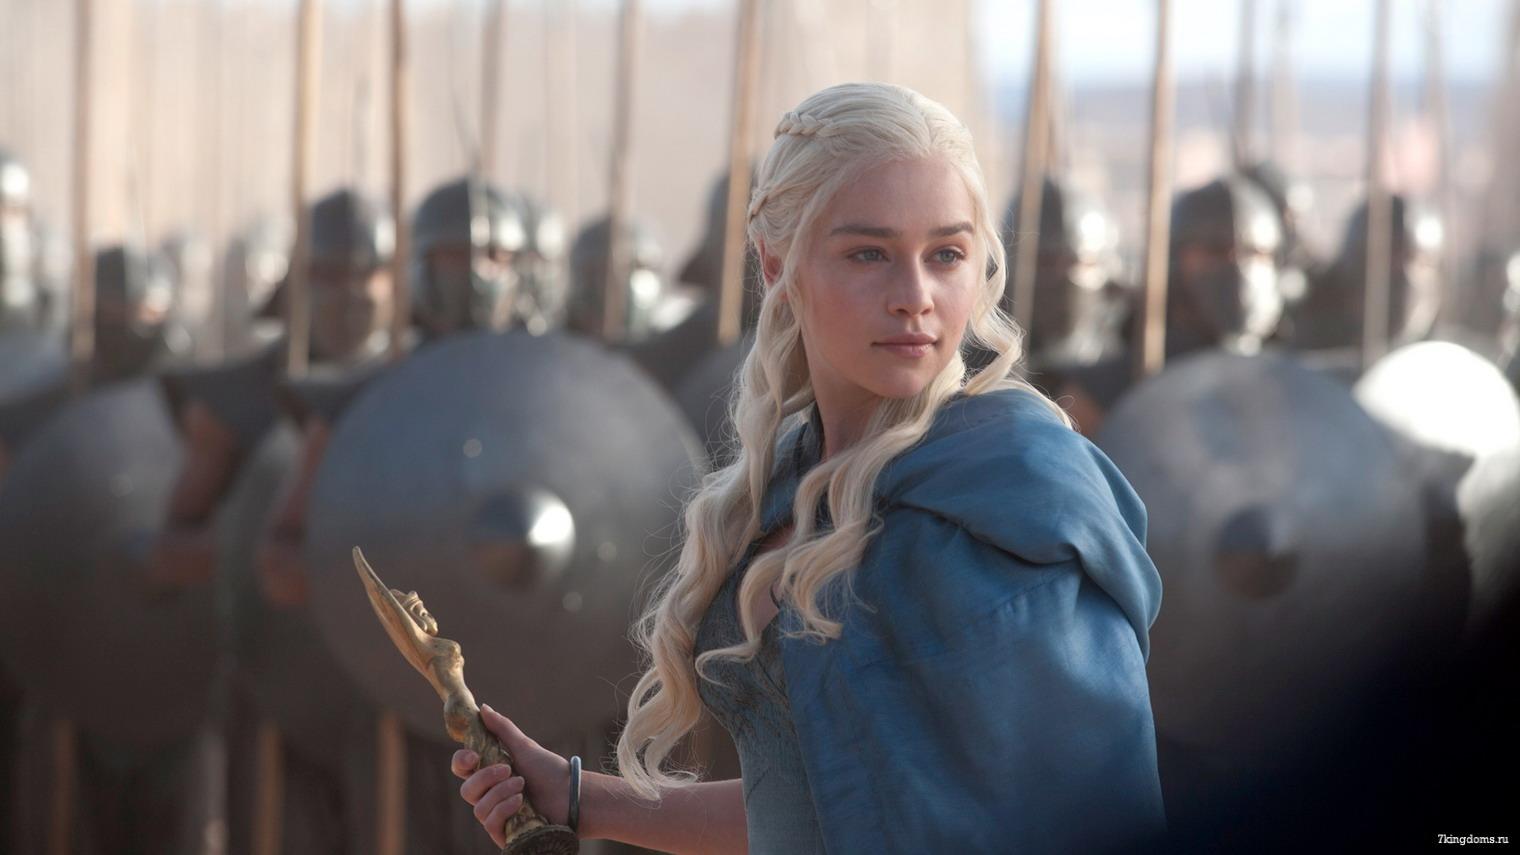 Daenerys Targaryen from Game Of Thrones wearing blue dress